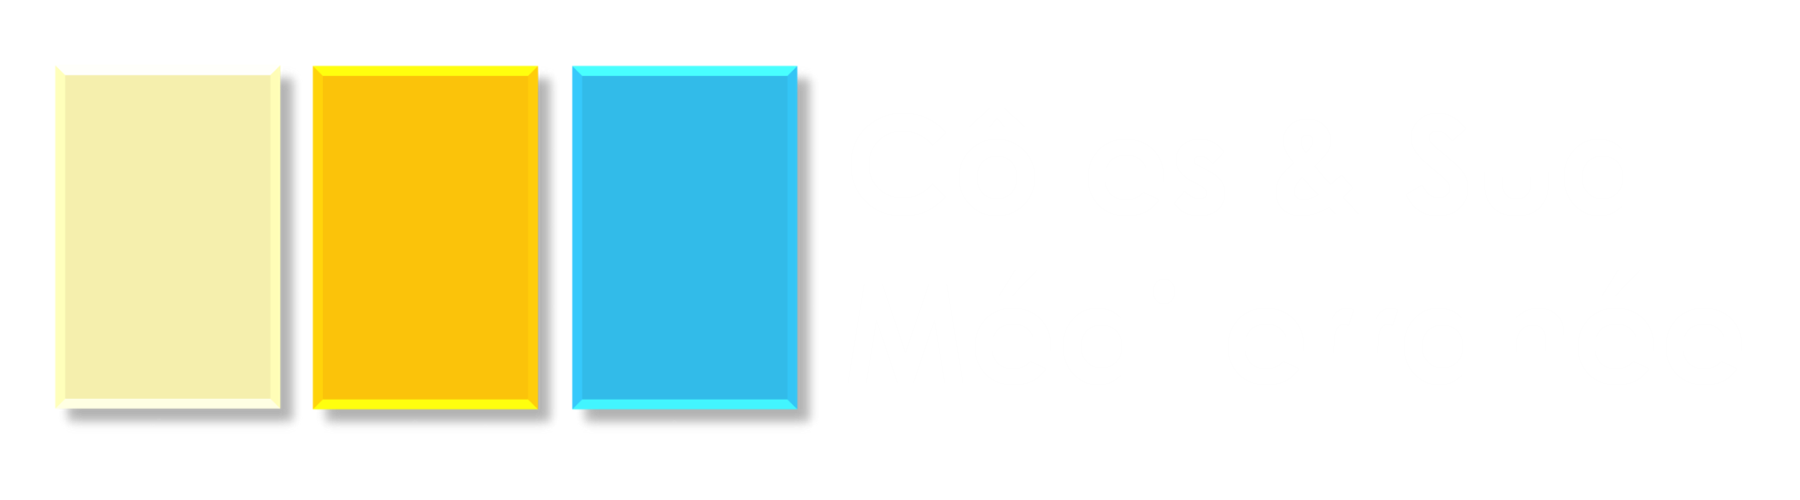 Cotes et Sud Meditérranée